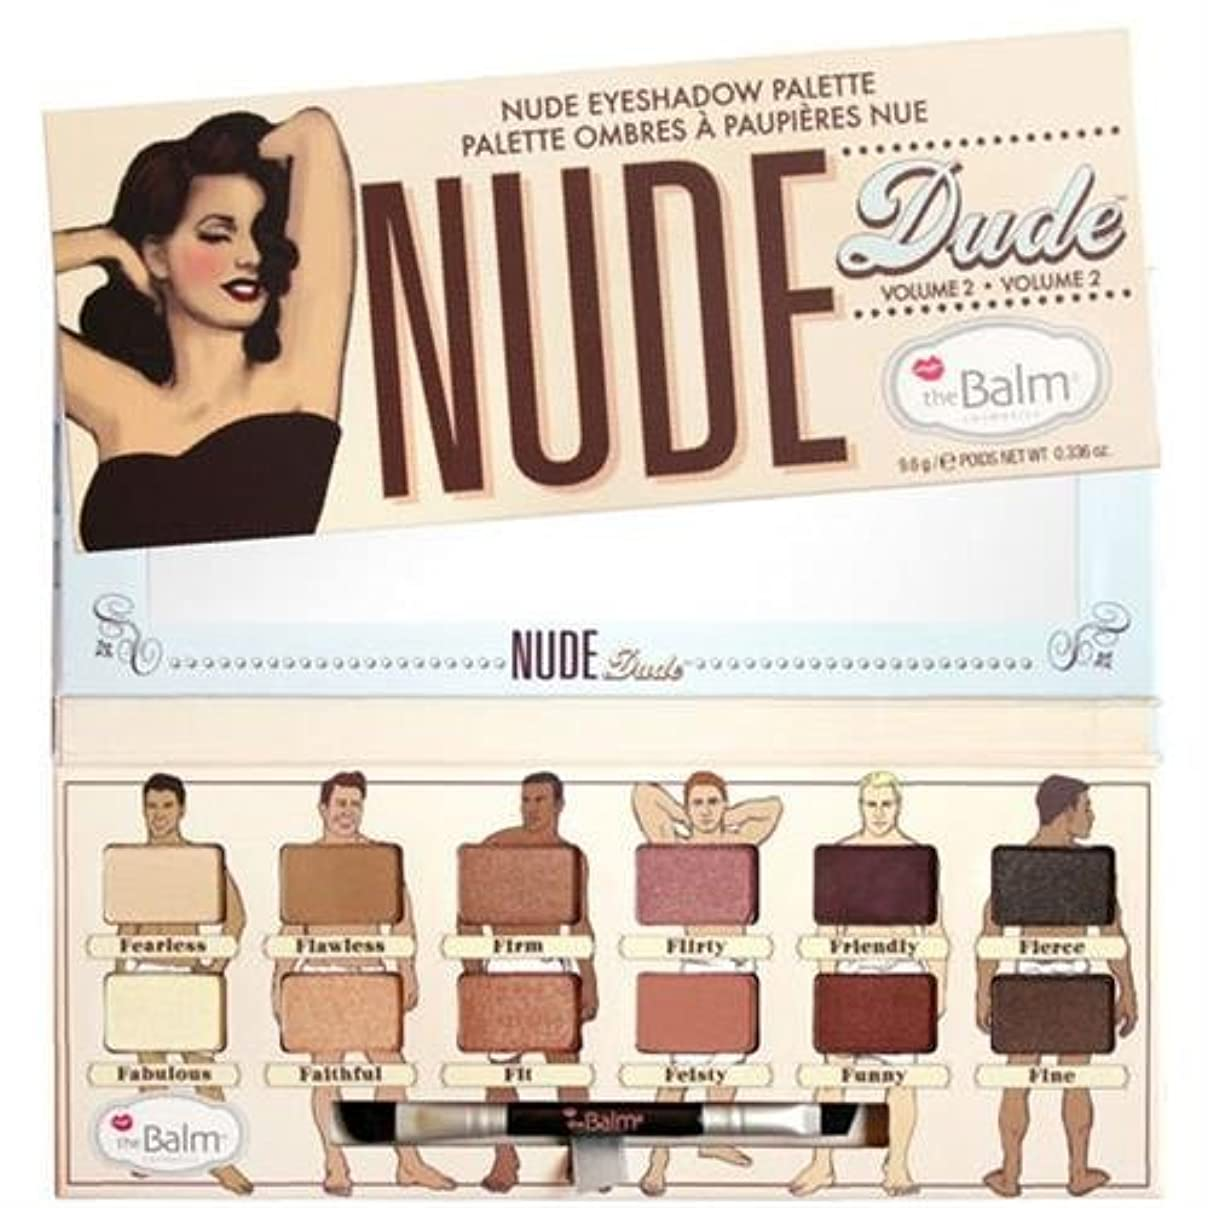 風変わりな熟達宣伝Thebalm Nude Dude Nude Eyeshadow Palette (並行輸入品) [並行輸入品]